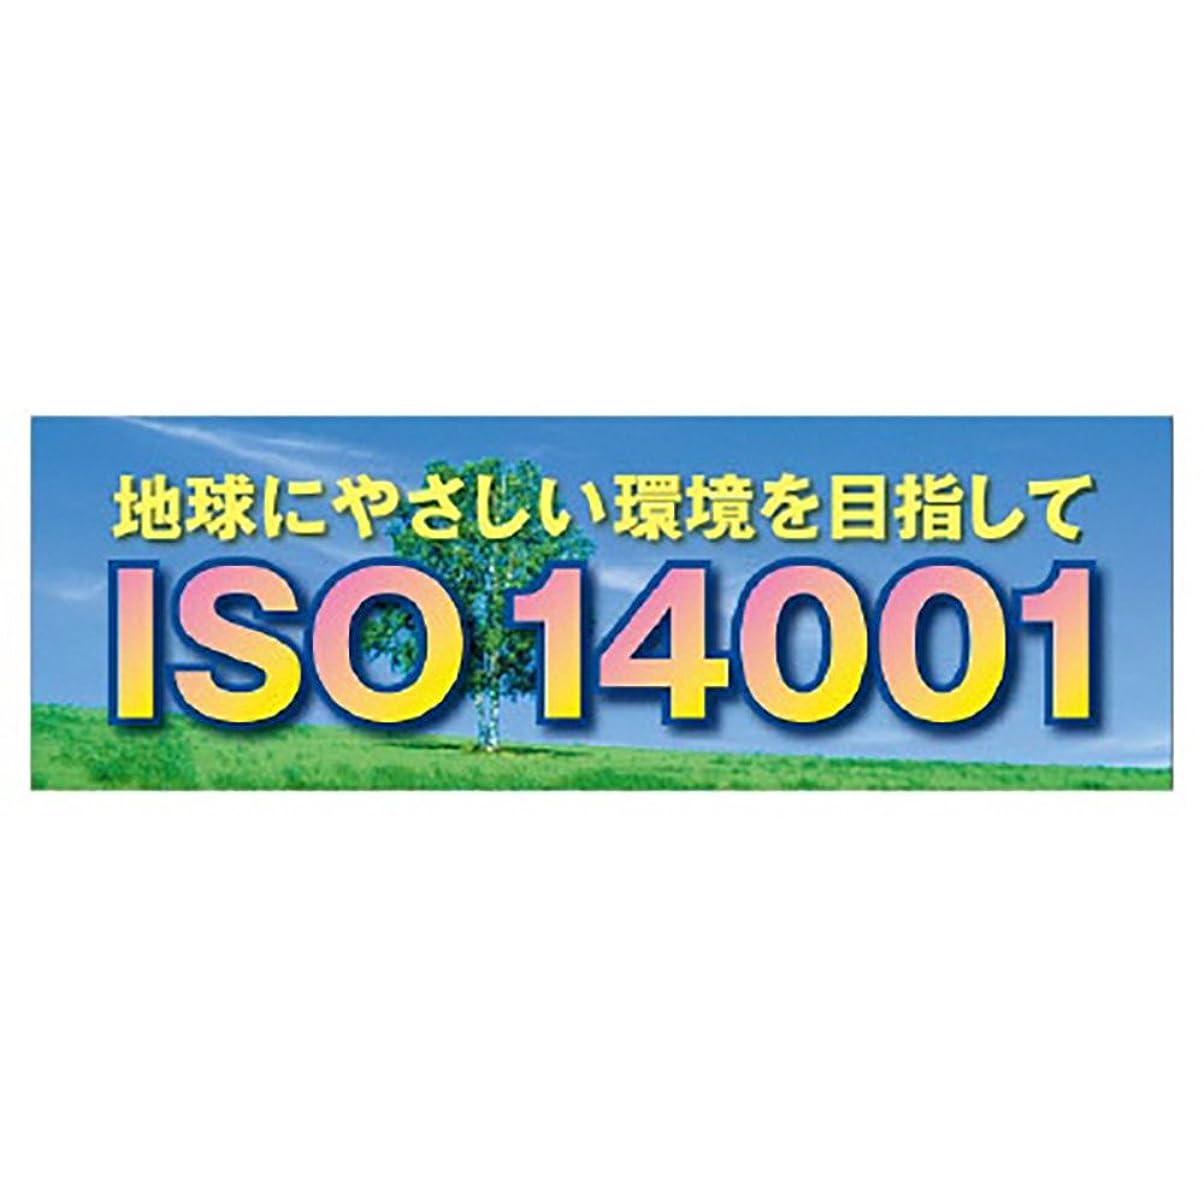 セッティング思想エイズ【920-32】ISO14001 養生シート製